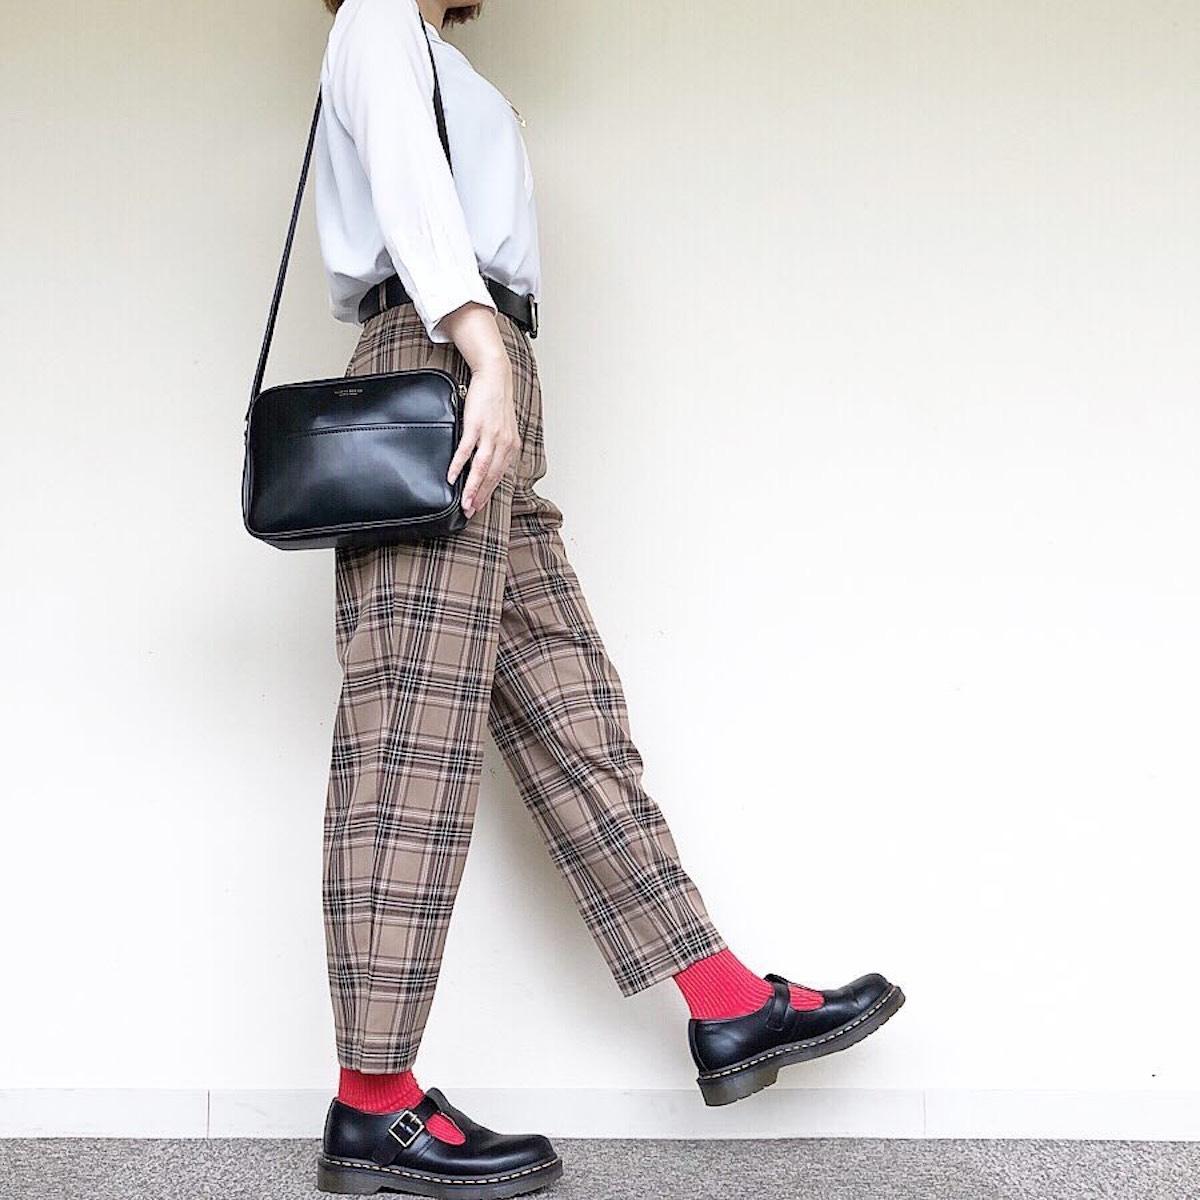 #マーチンと私 ファッション・インスタグラマー5人が提案するドクターマーチン2018年レディースコーデ特集!